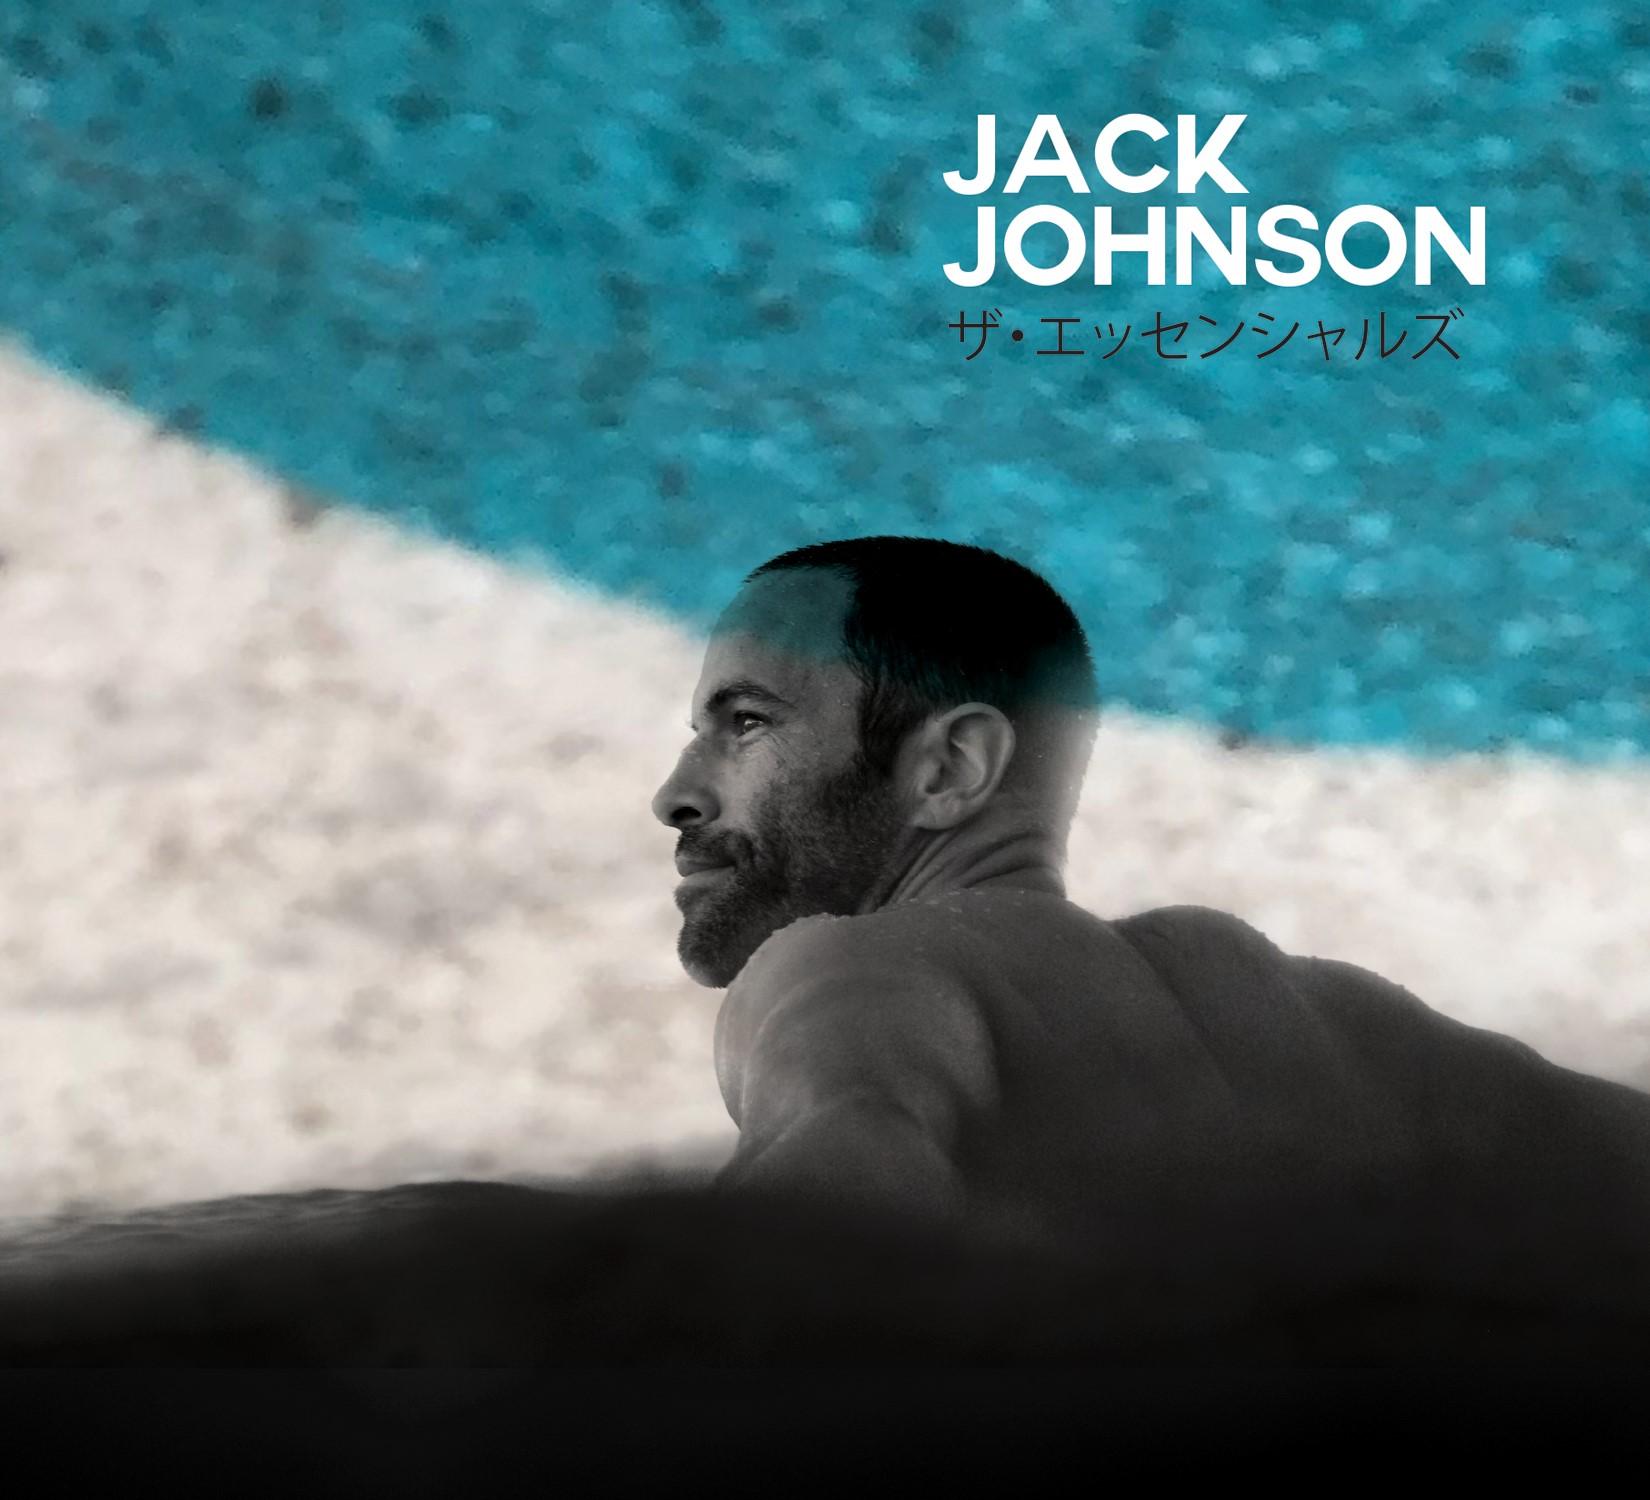 ジャック・ジョンソン ベスト・アルバム『ザ・エッセンシャルズ』